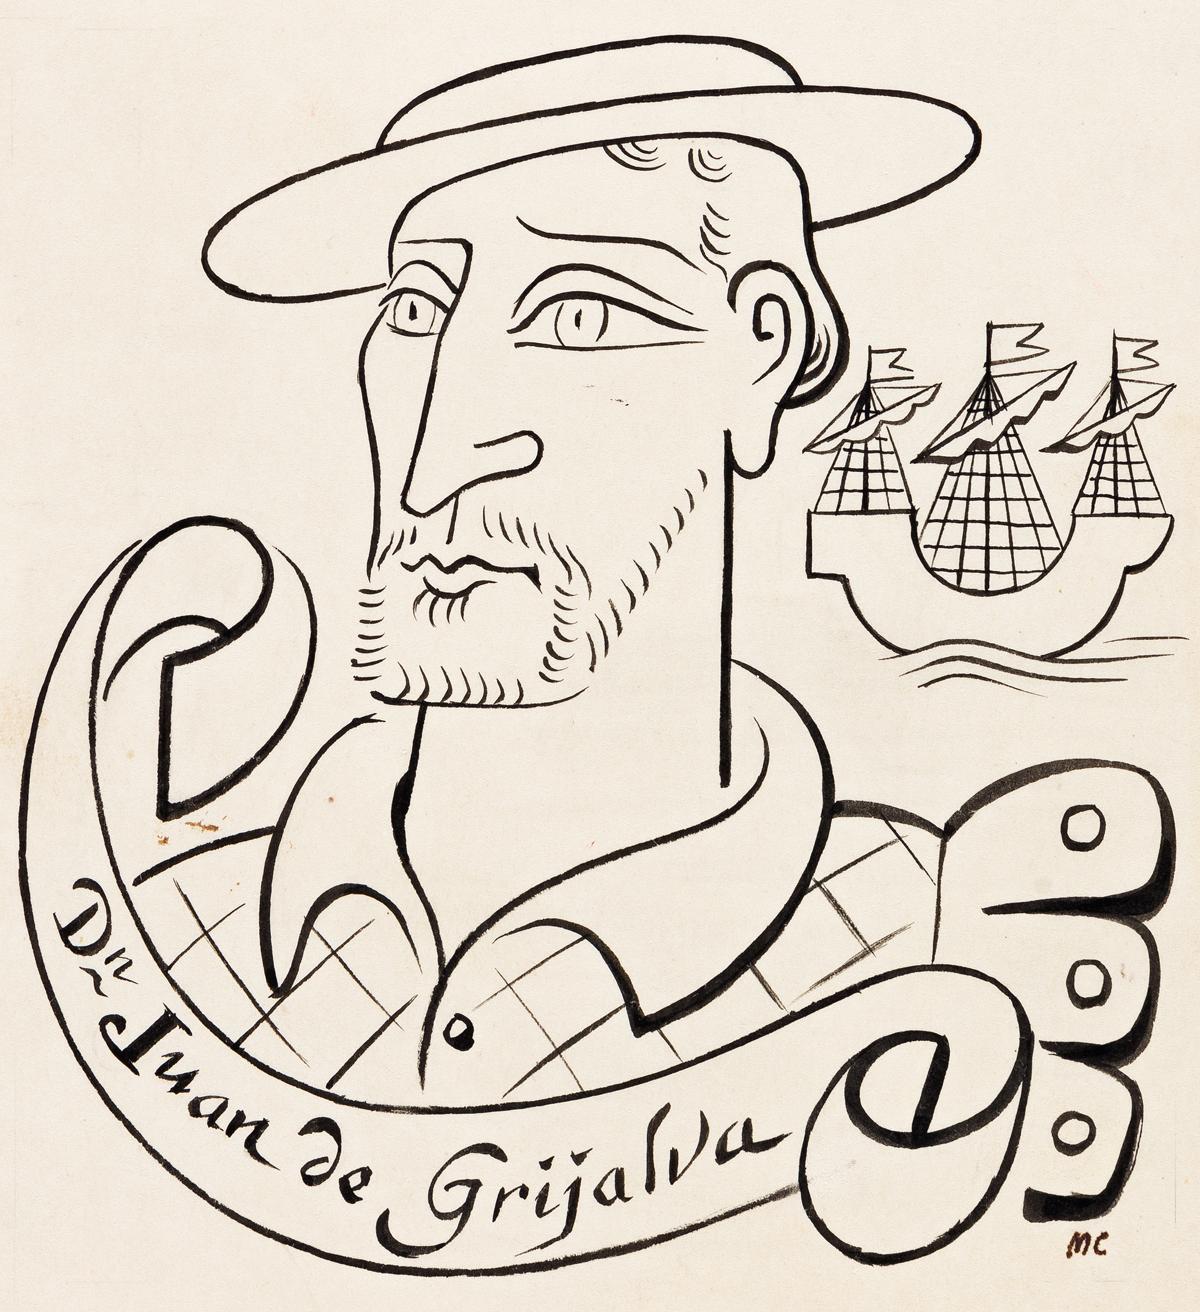 MIGUEL COVARRUBIAS (1904-1957) Juan de Grijalva. [MEXICO / EXPLORERS]